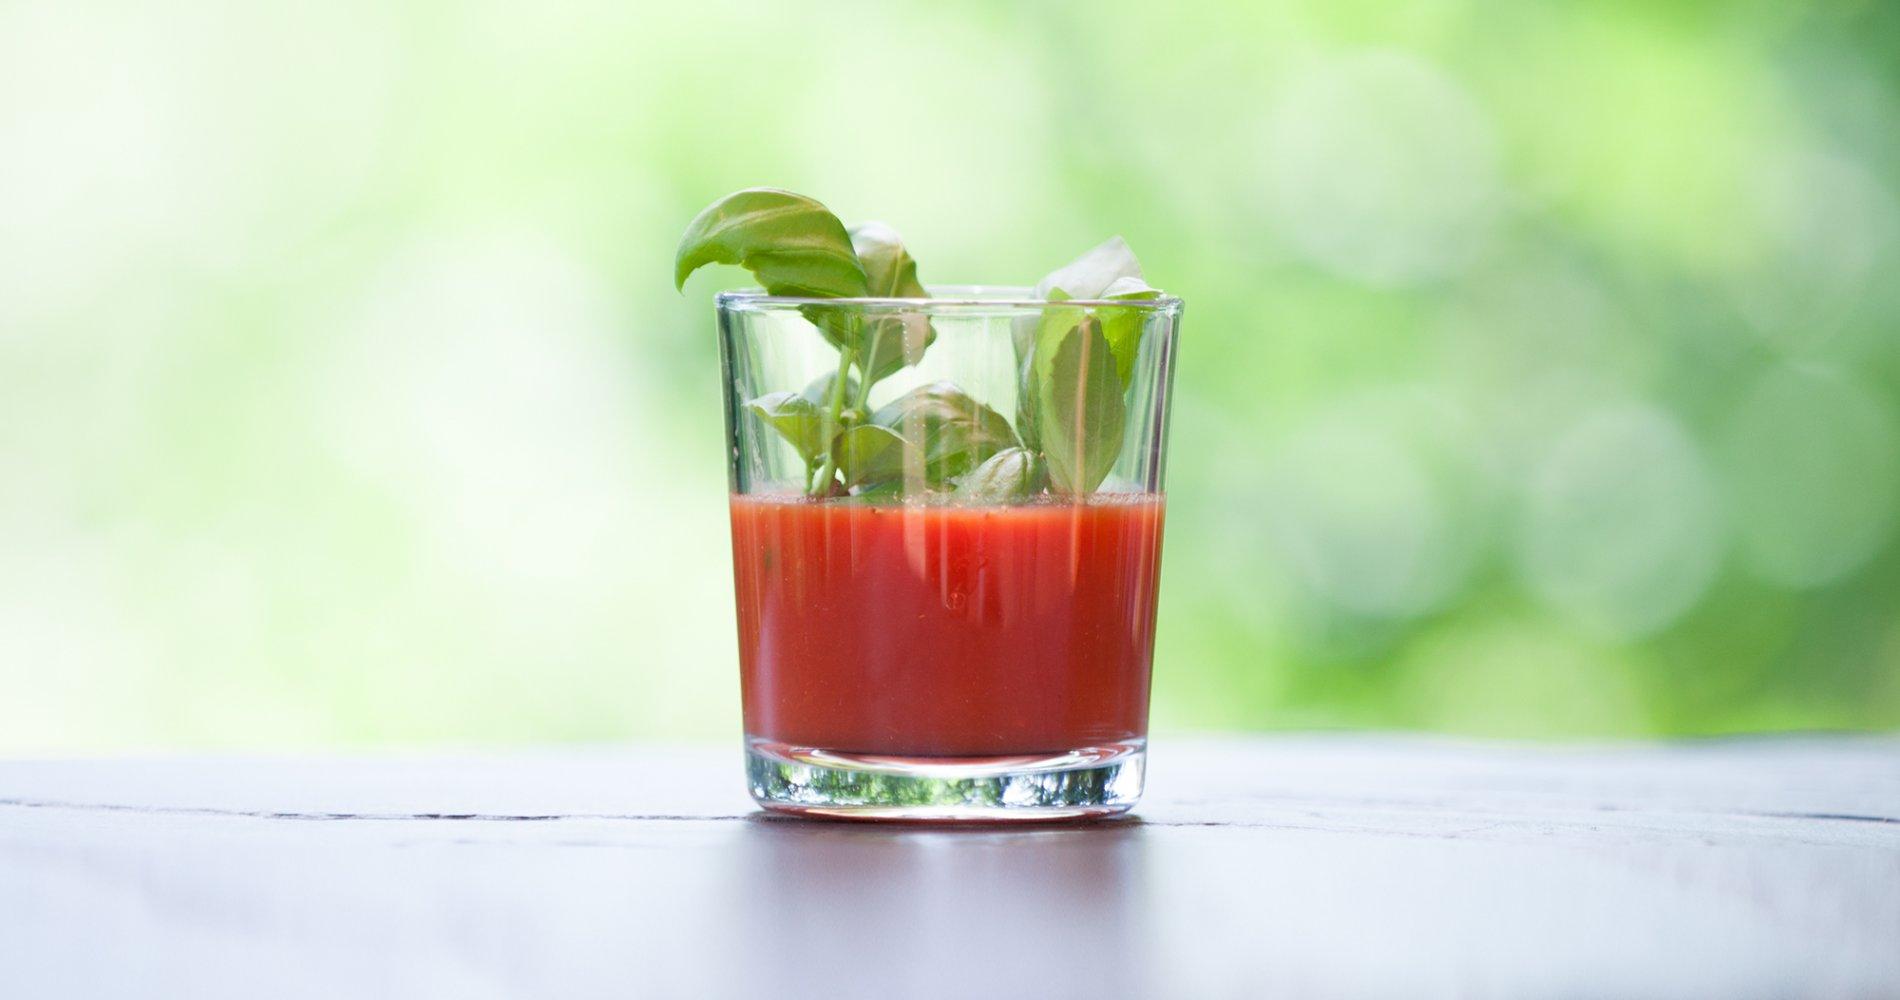 Rezept Low Carb: Tomatensaft mit Basilikum - LCHF-gesund.de